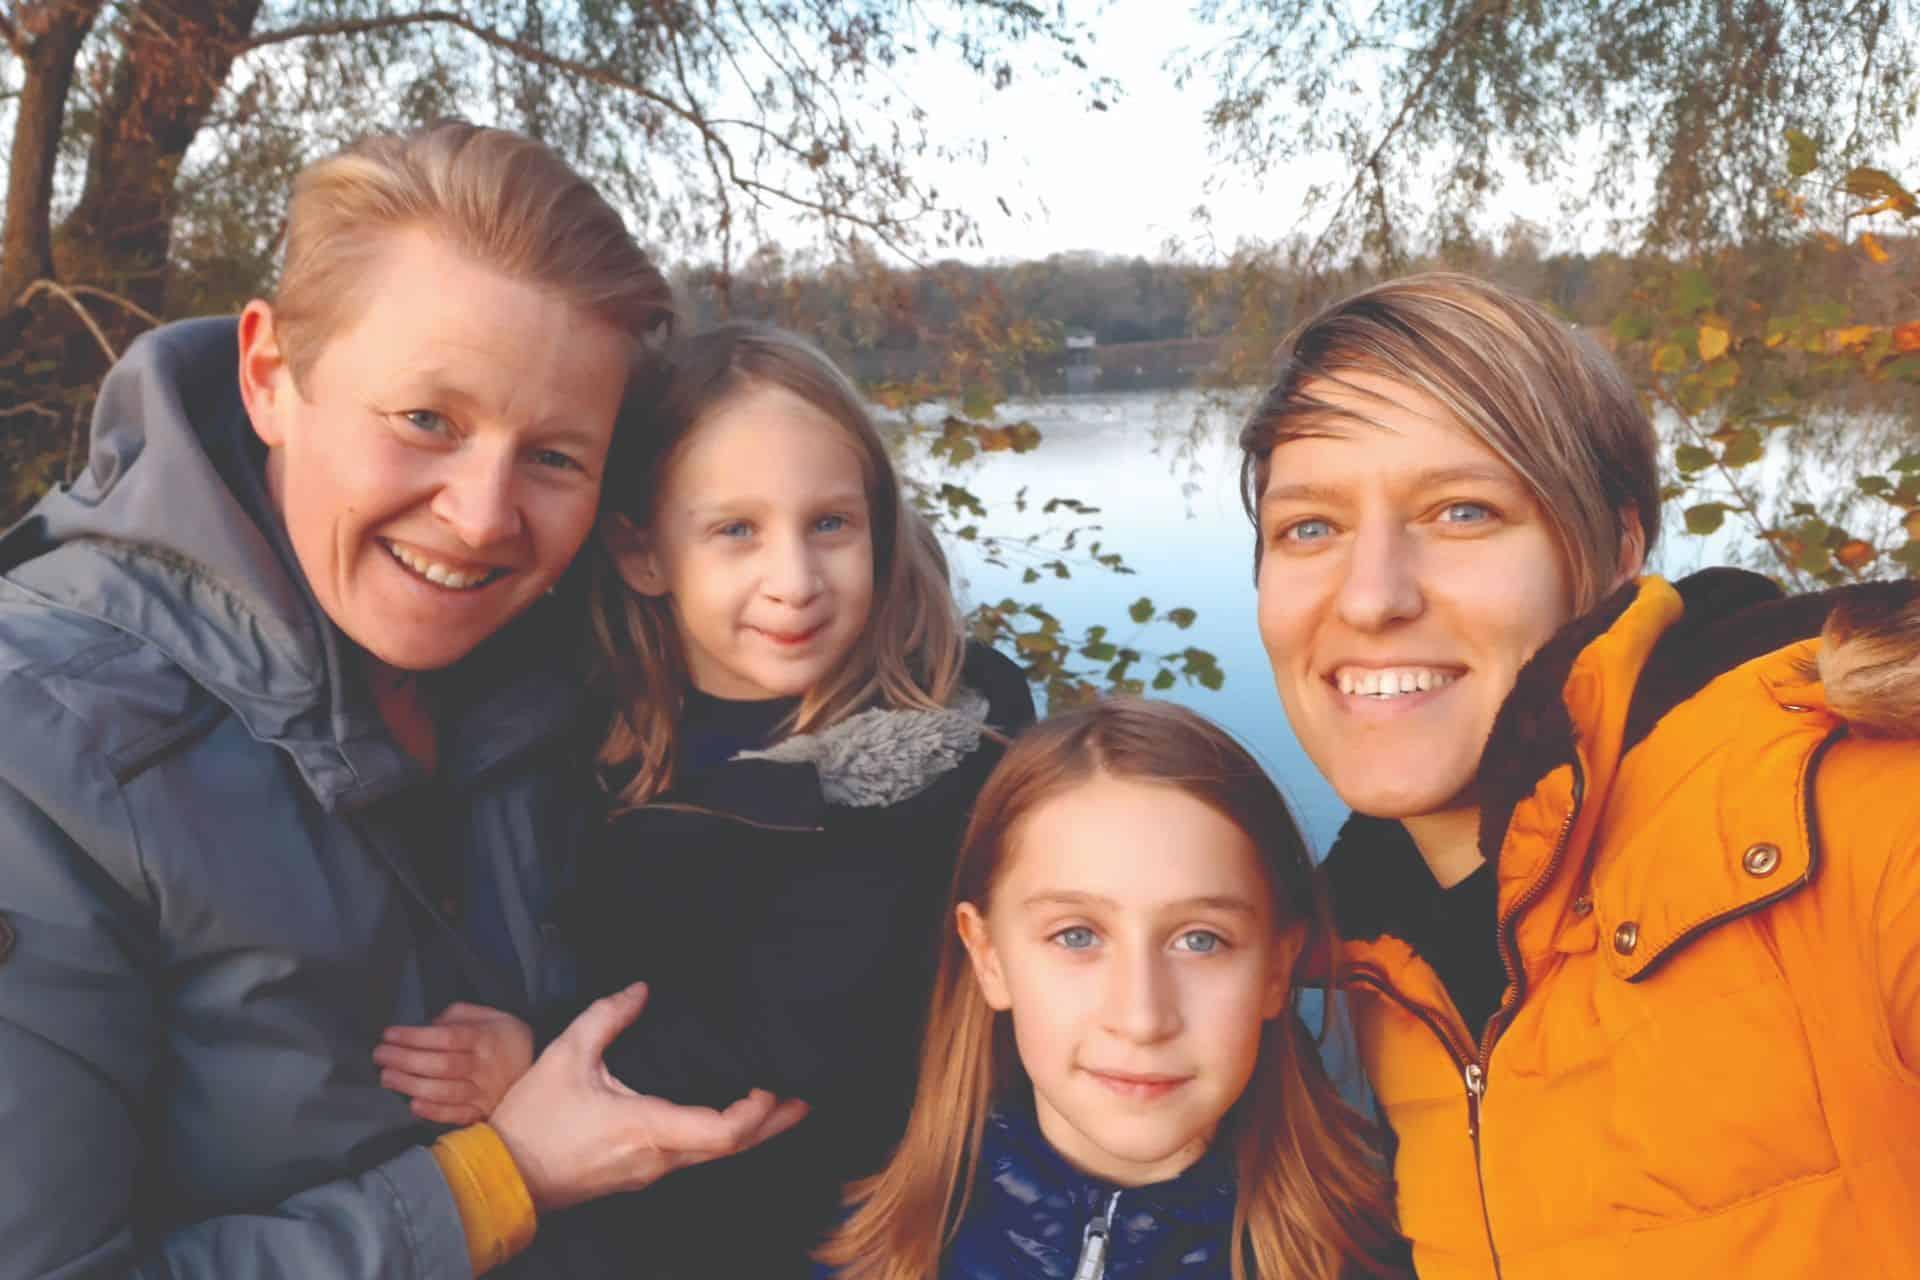 Ellen en Lindsey genieten van hun dagelijkse bad- en bedtijd samen met de kinderen: 'De verhalen komen dan vanzelf'